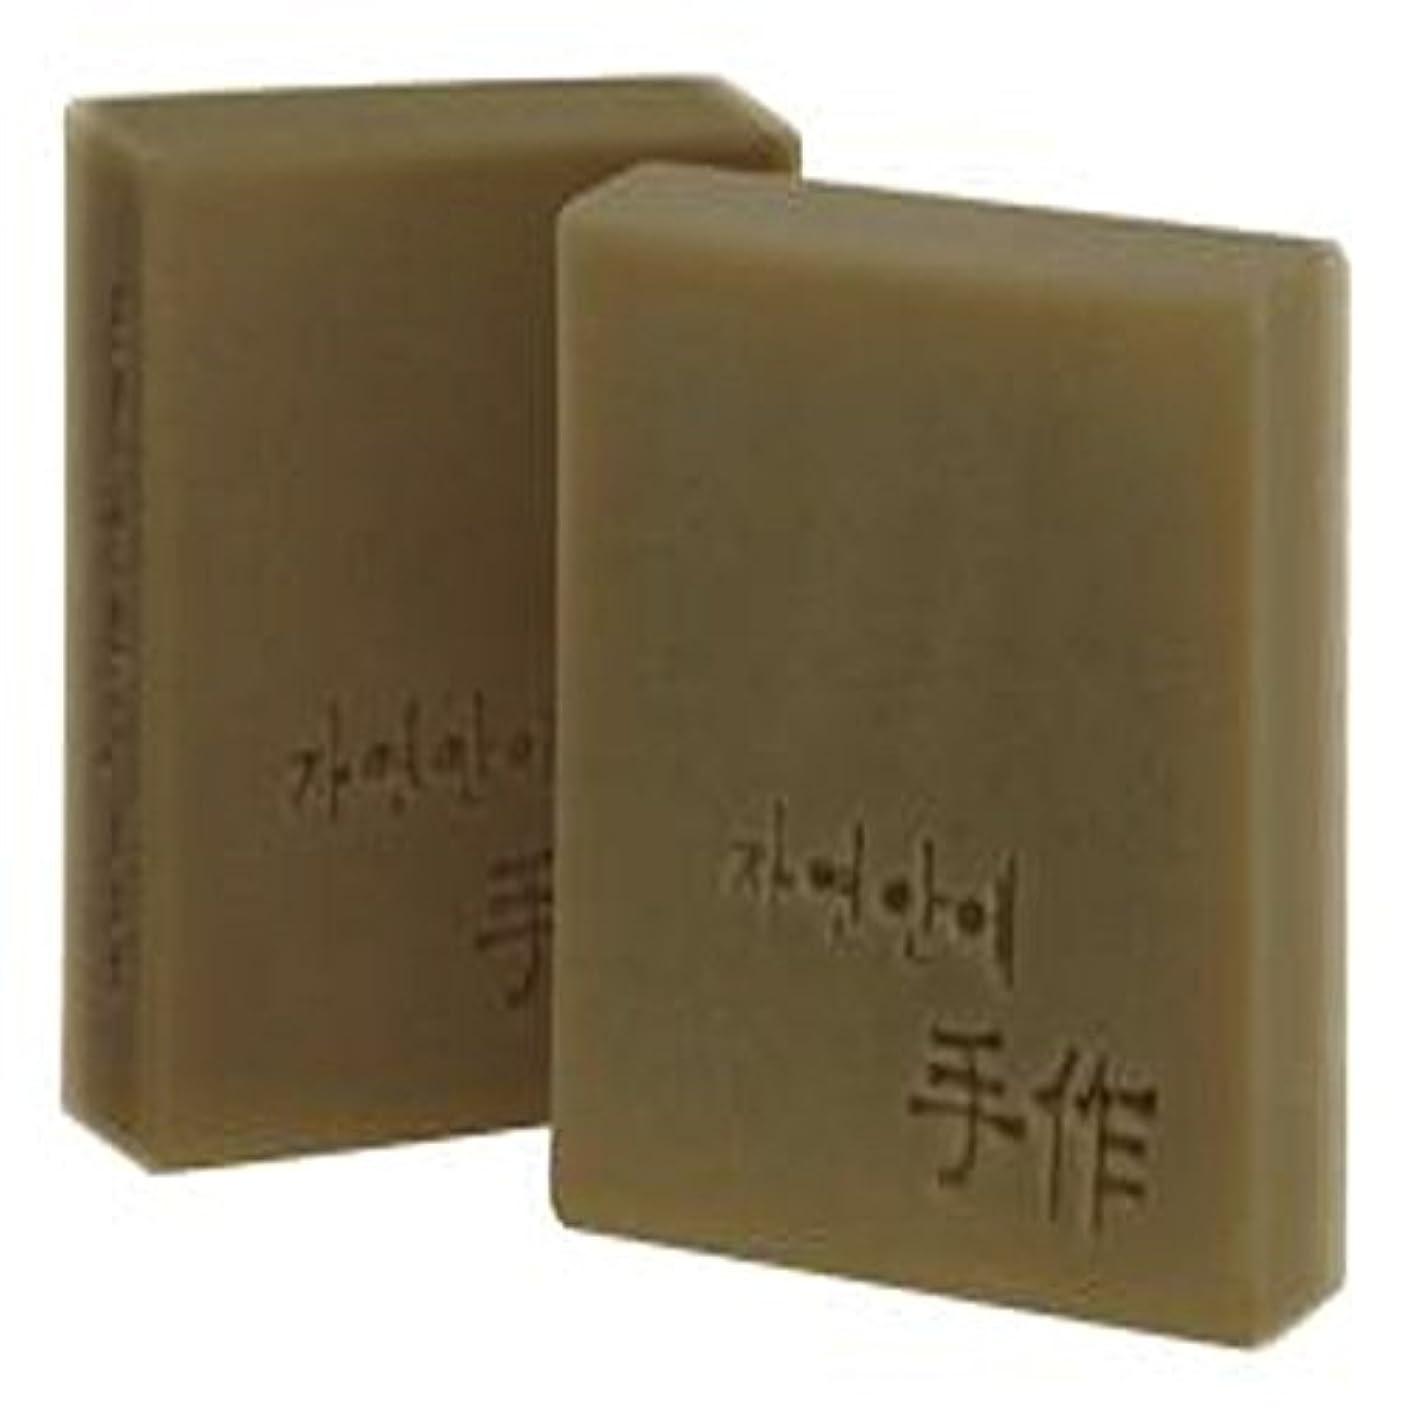 人種同化するスリラーNatural organic 有機天然ソープ 固形 無添加 洗顔せっけんクレンジング 石鹸 [並行輸入品] (カボチャ)